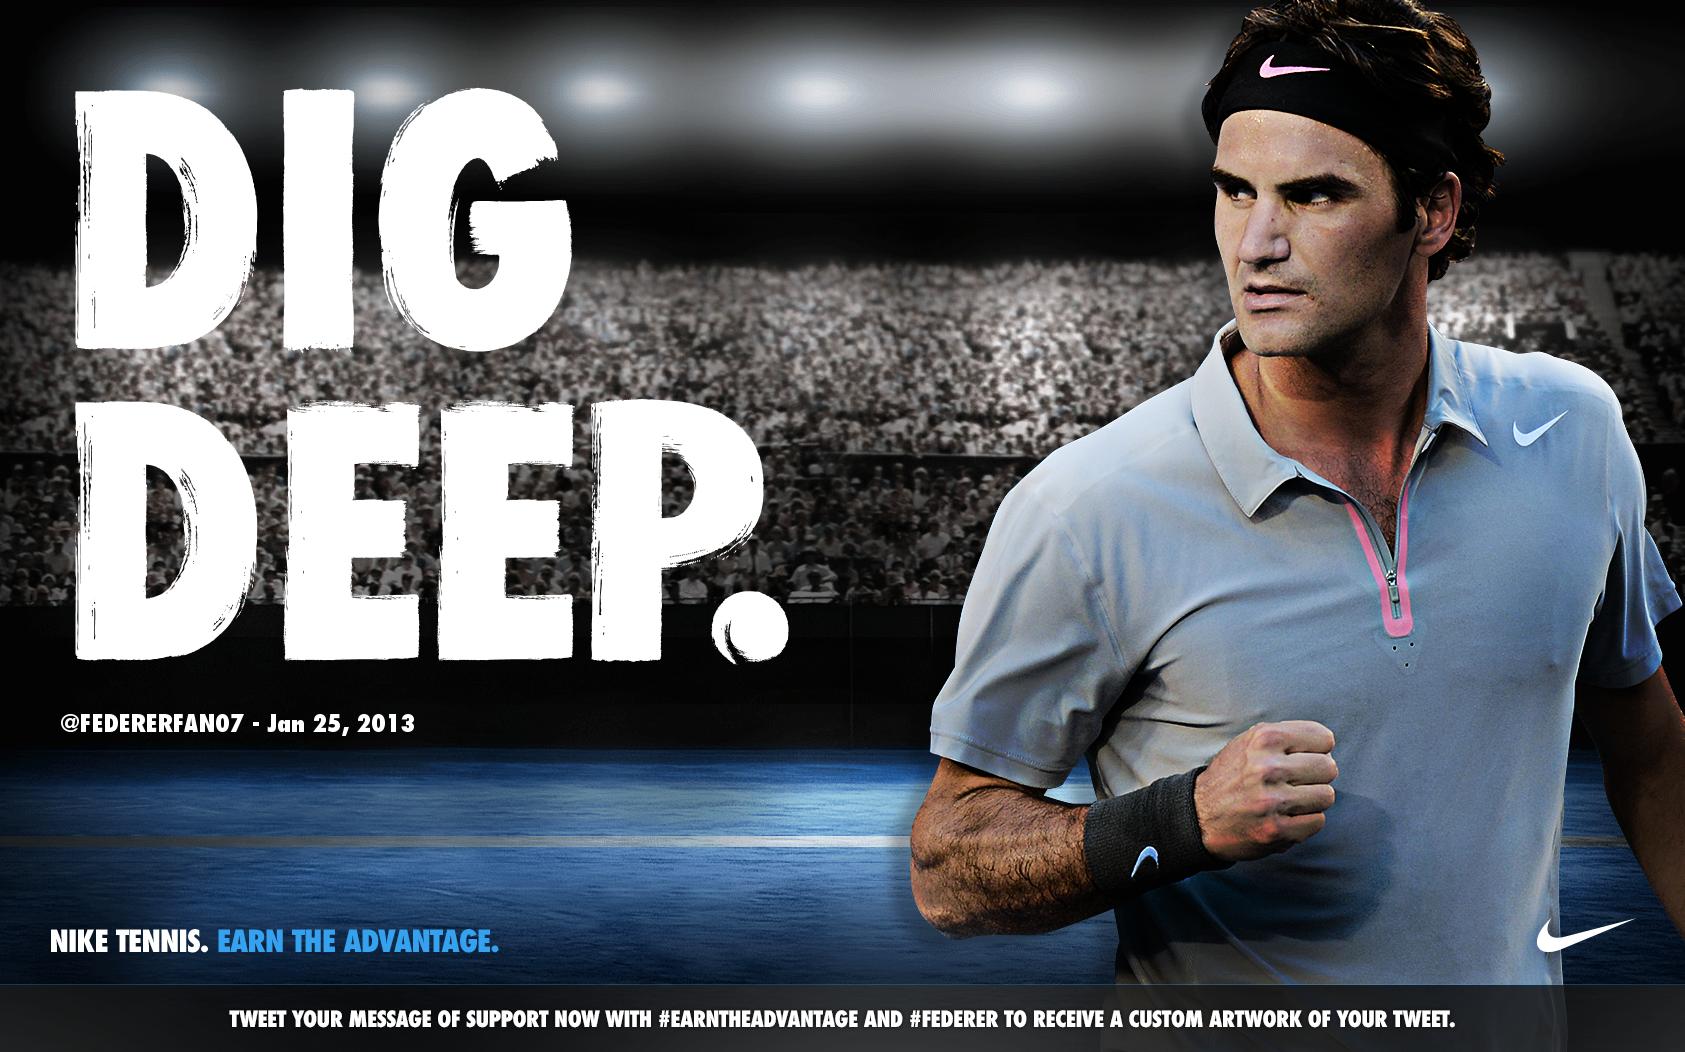 Tennis_RogerFederer-FEDERERFAN07-12